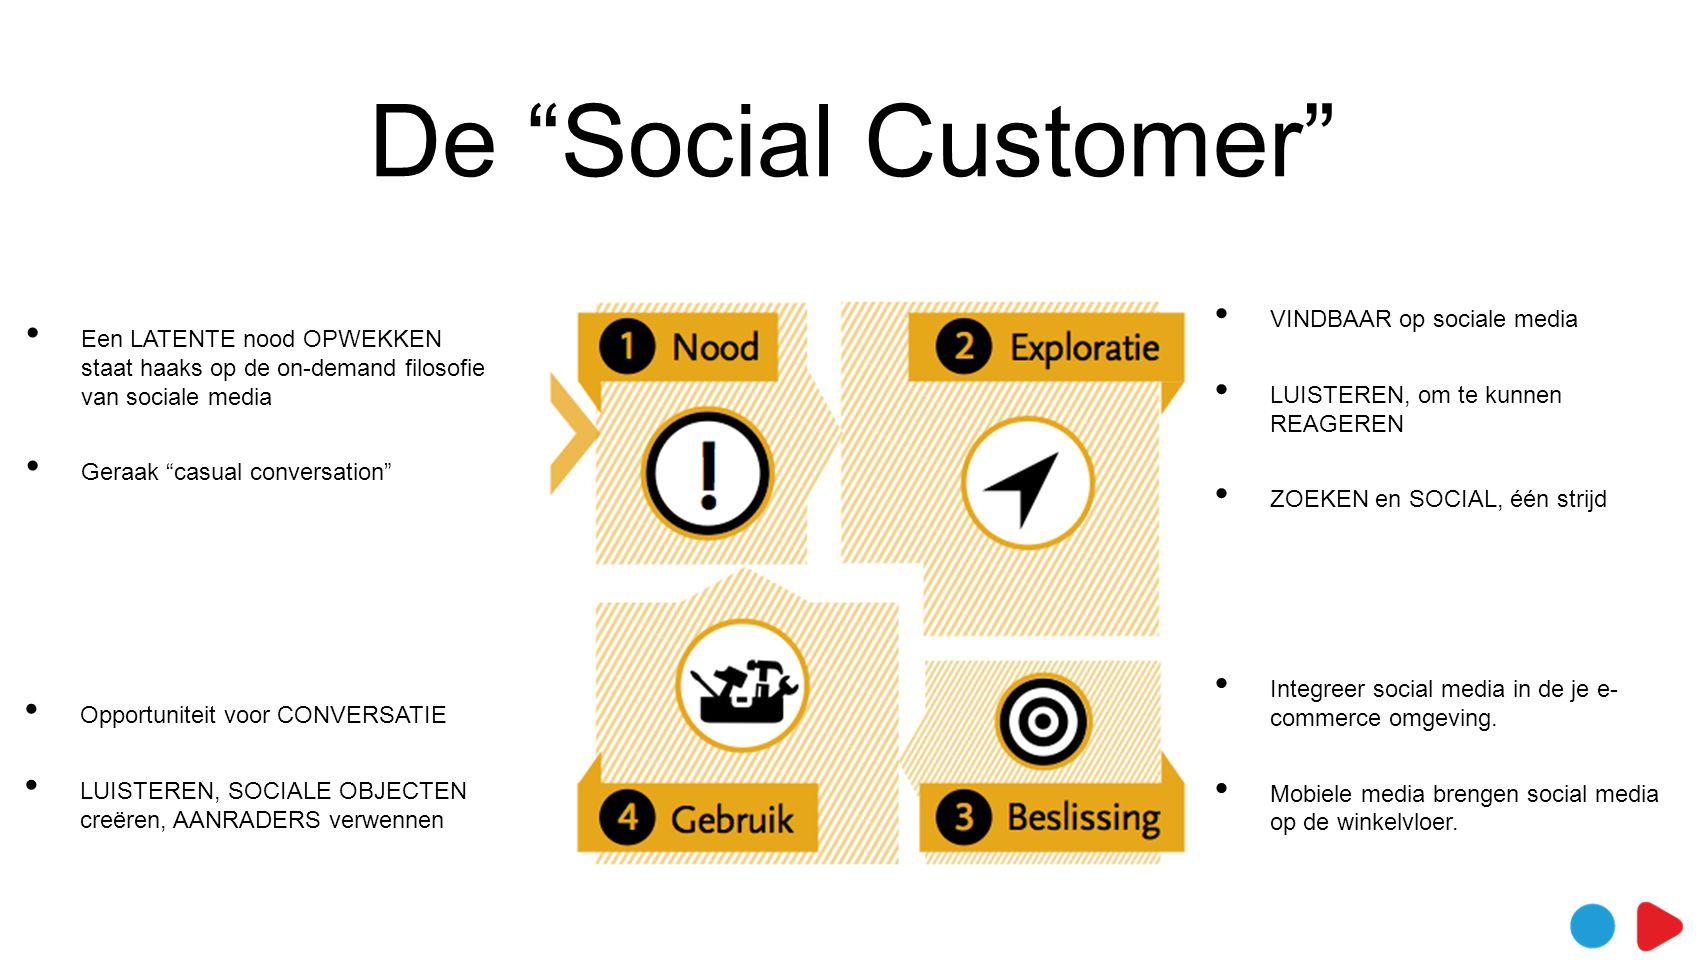 De Social Customer • Een LATENTE nood OPWEKKEN staat haaks op de on-demand filosofie van sociale media • Geraak casual conversation • VINDBAAR op sociale media • LUISTEREN, om te kunnen REAGEREN • ZOEKEN en SOCIAL, één strijd • Integreer social media in de je e- commerce omgeving.